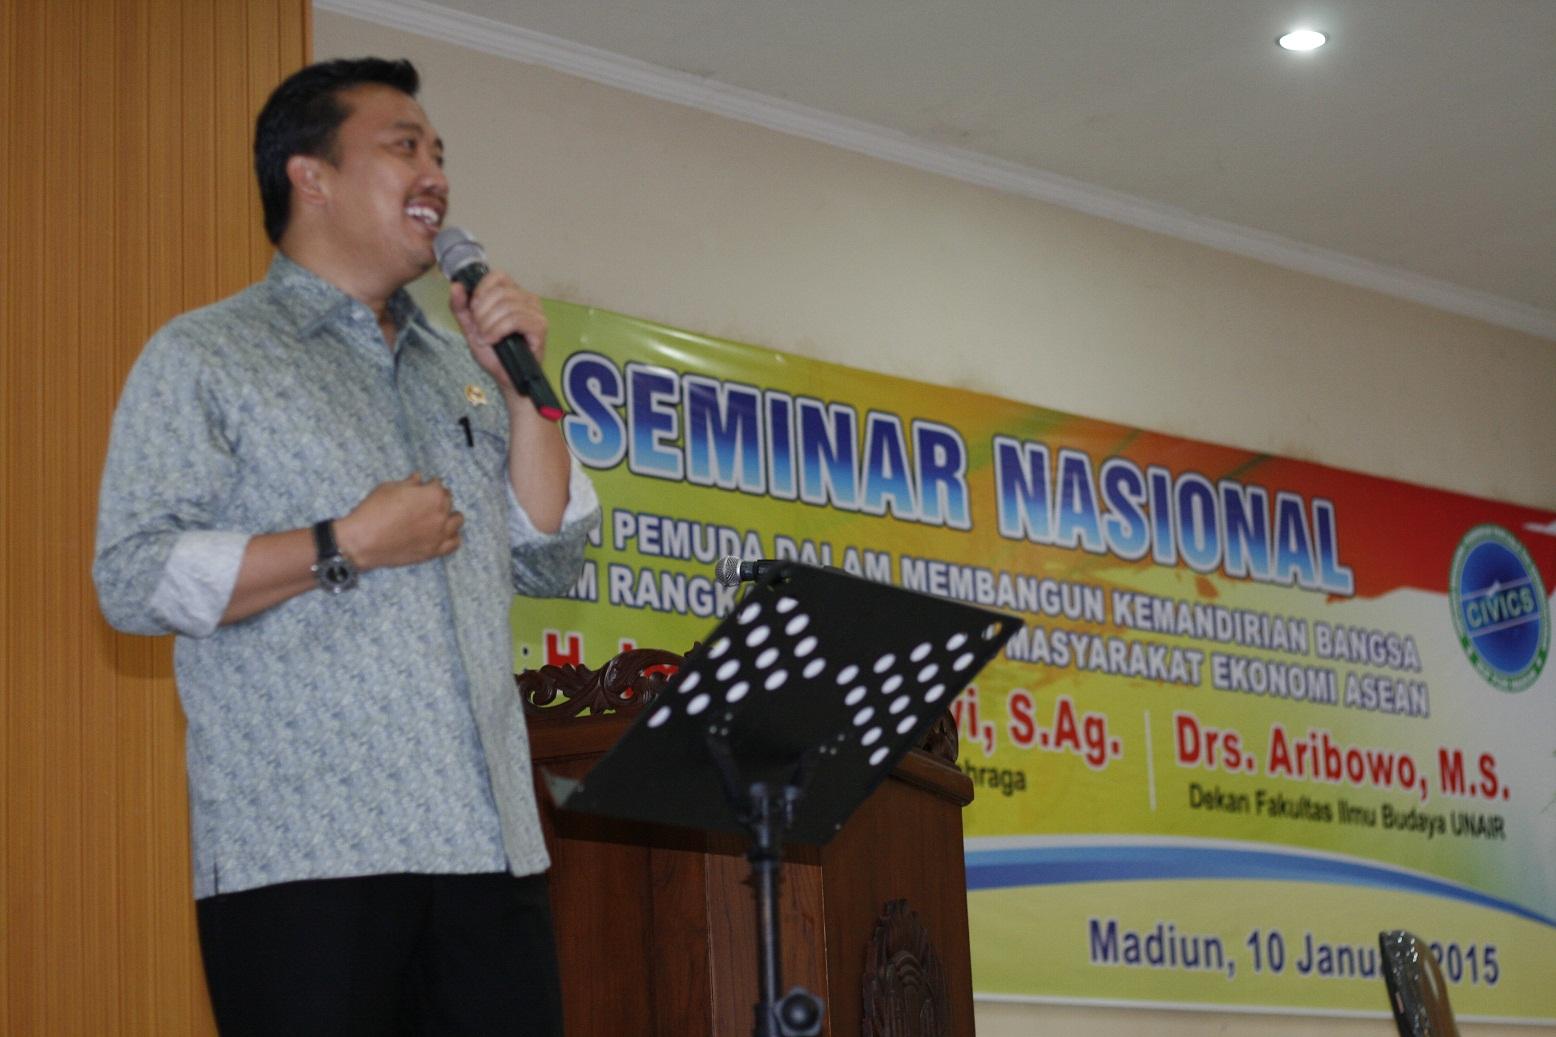 Seminar Nasional 2015